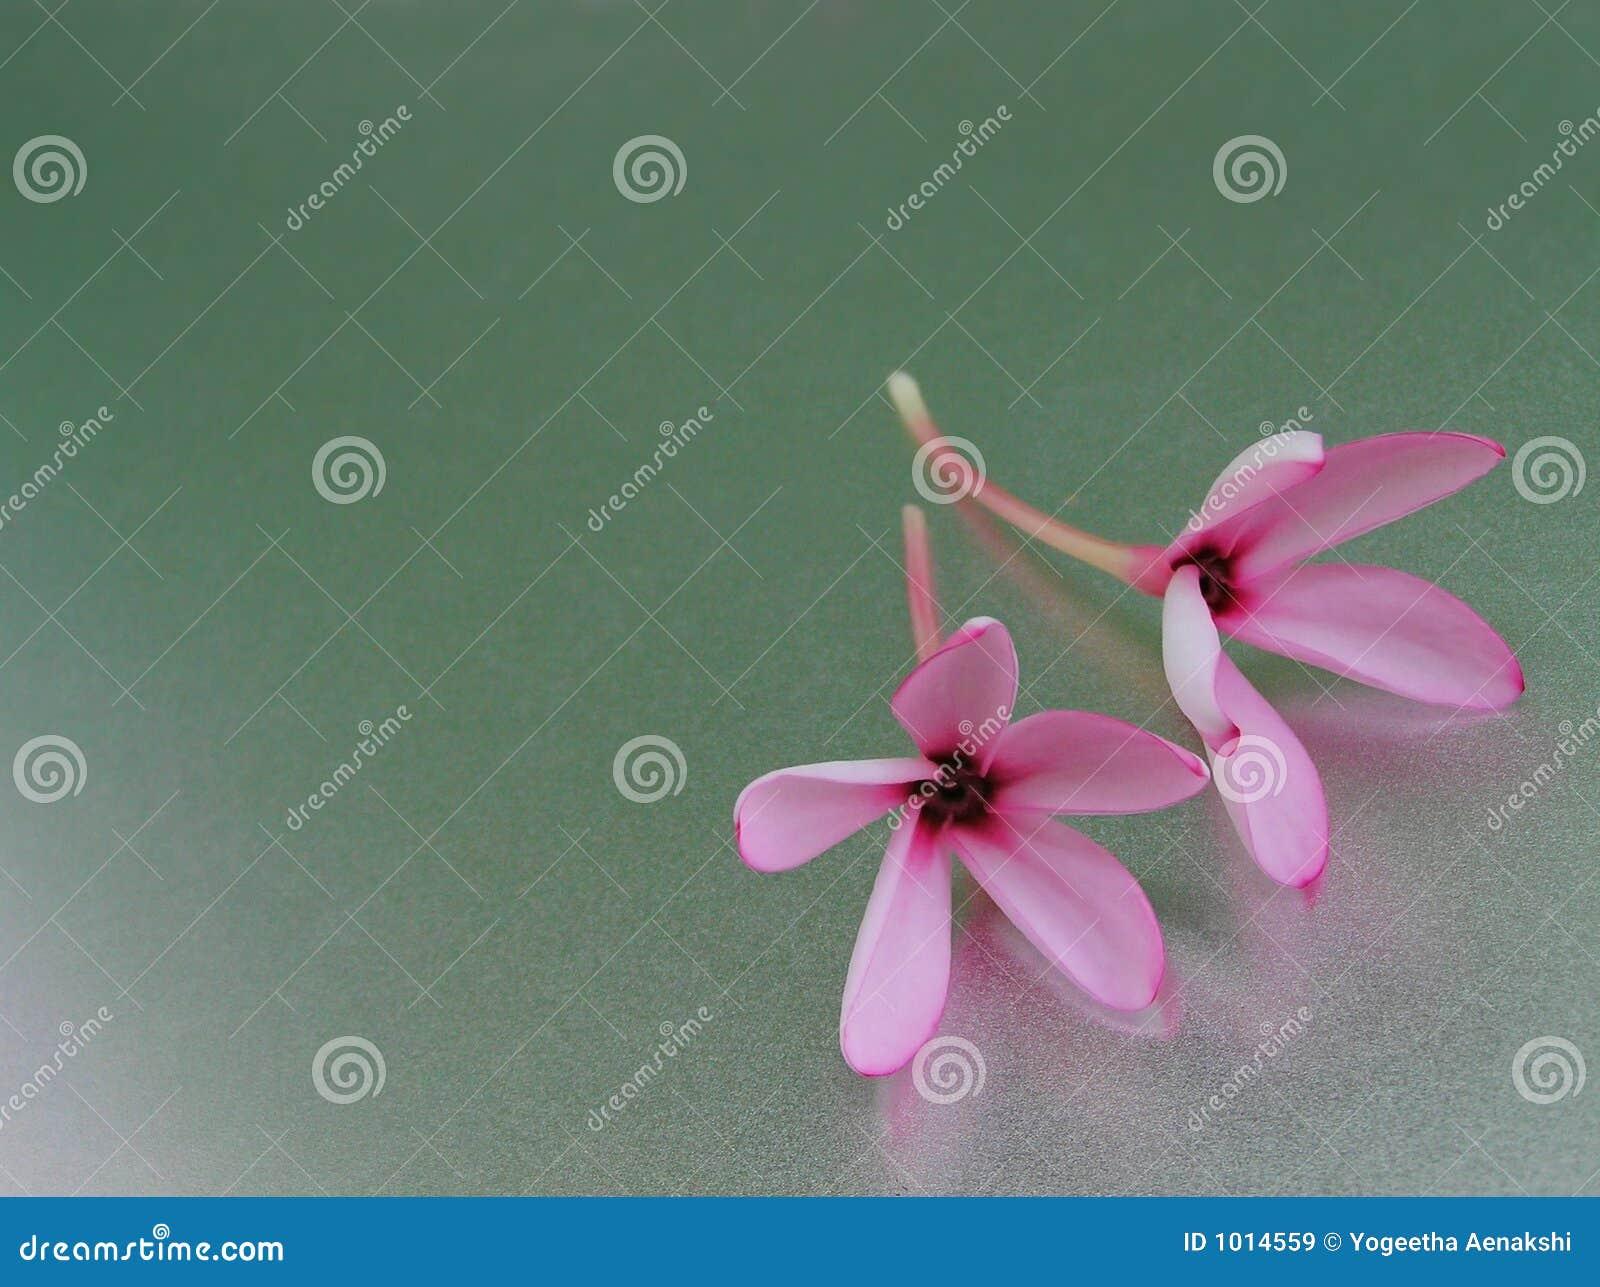 Twee lichtrose bloemen op een het glanzen oppervlakte